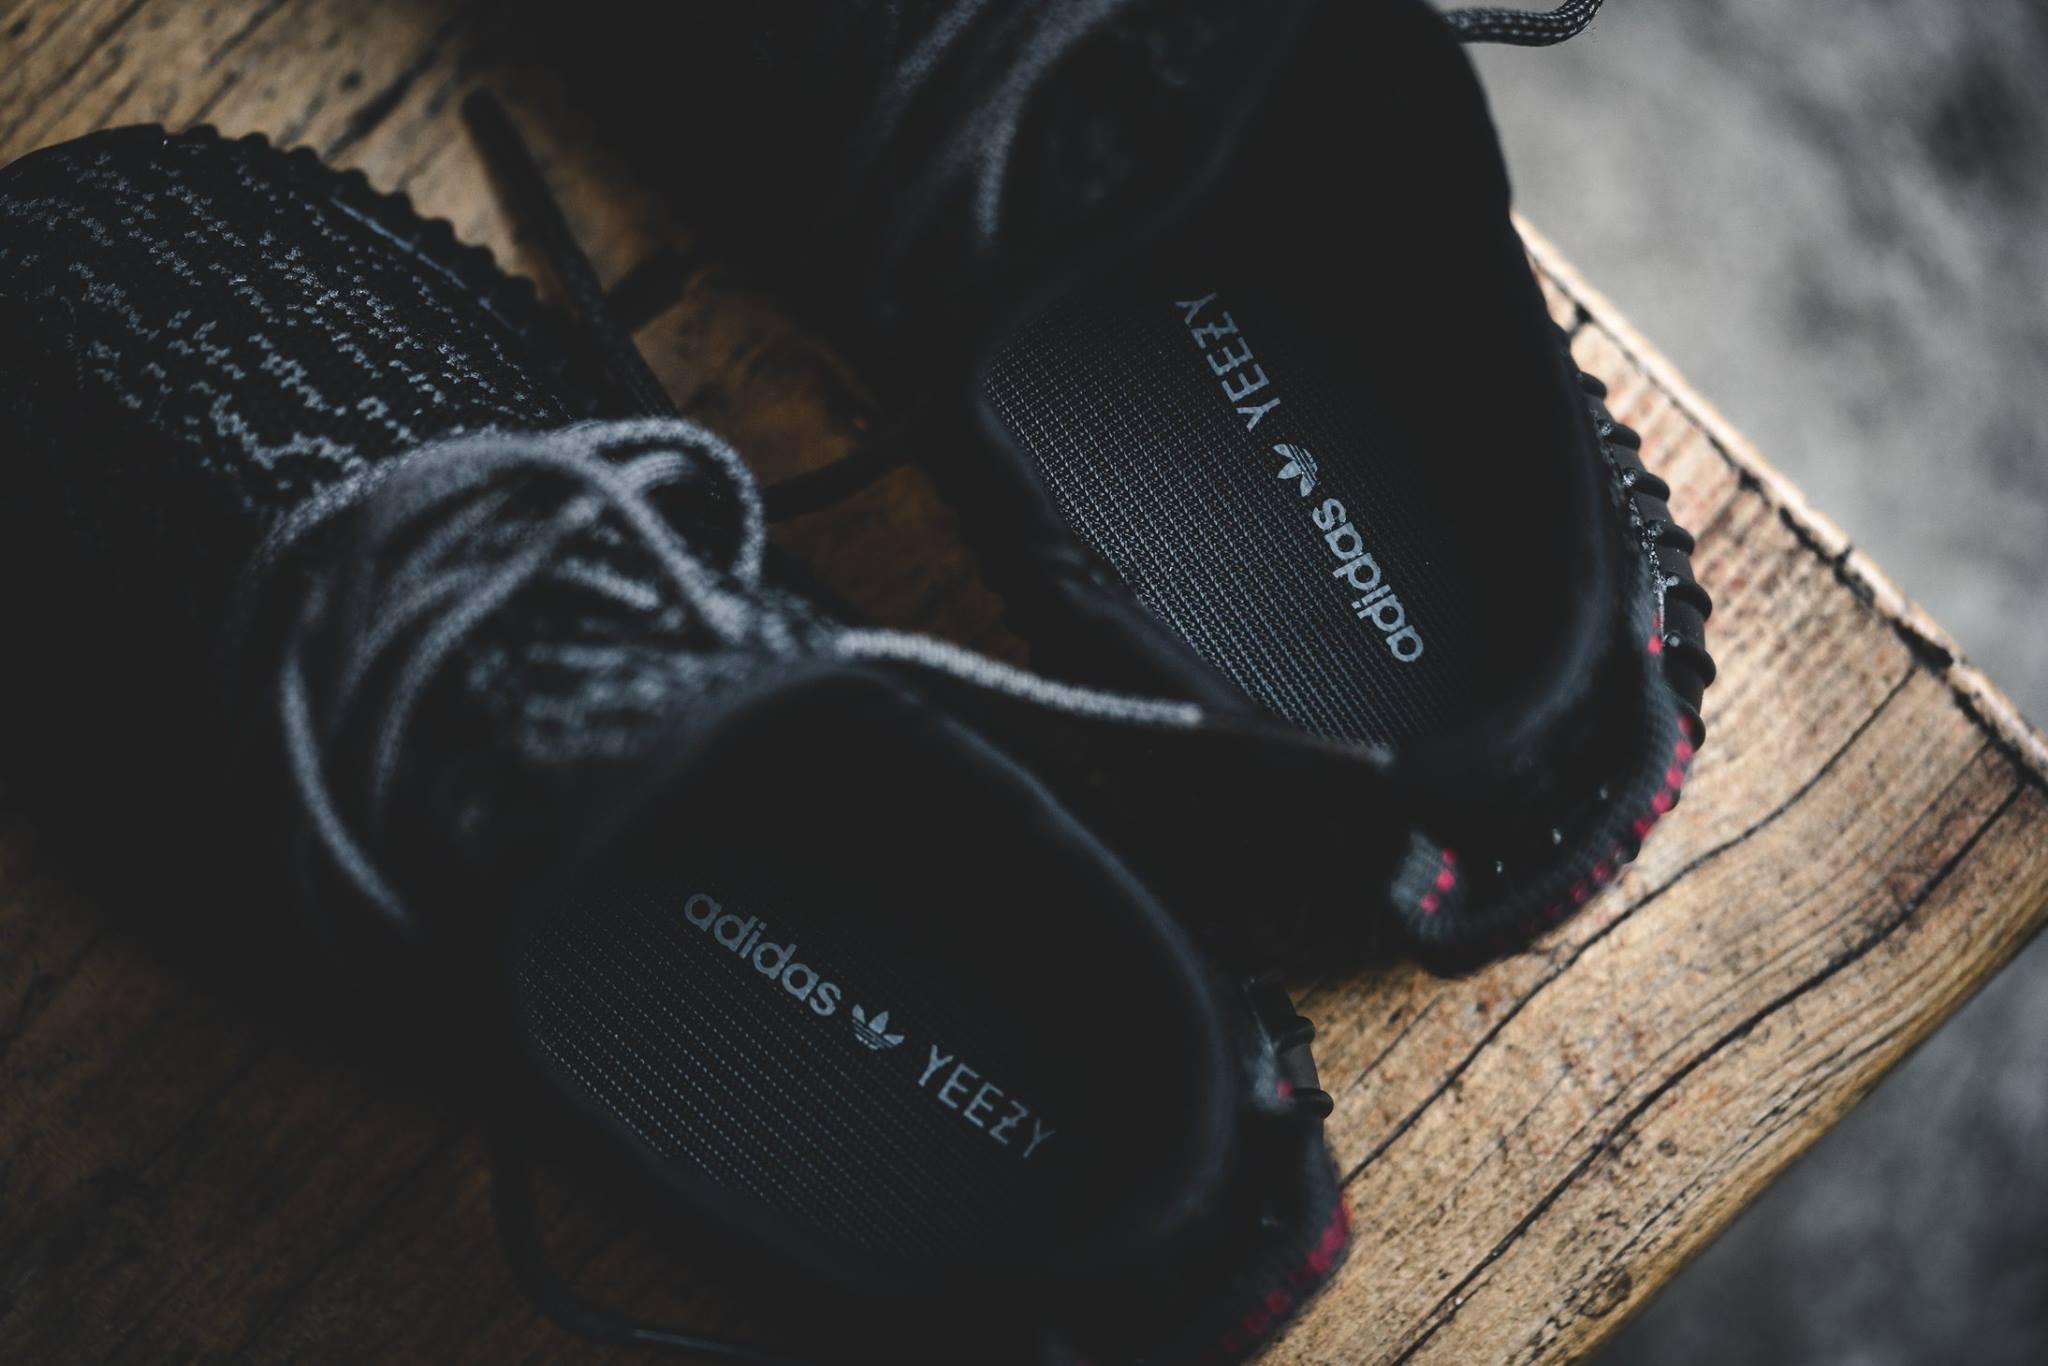 adidas-yeezy-baby6